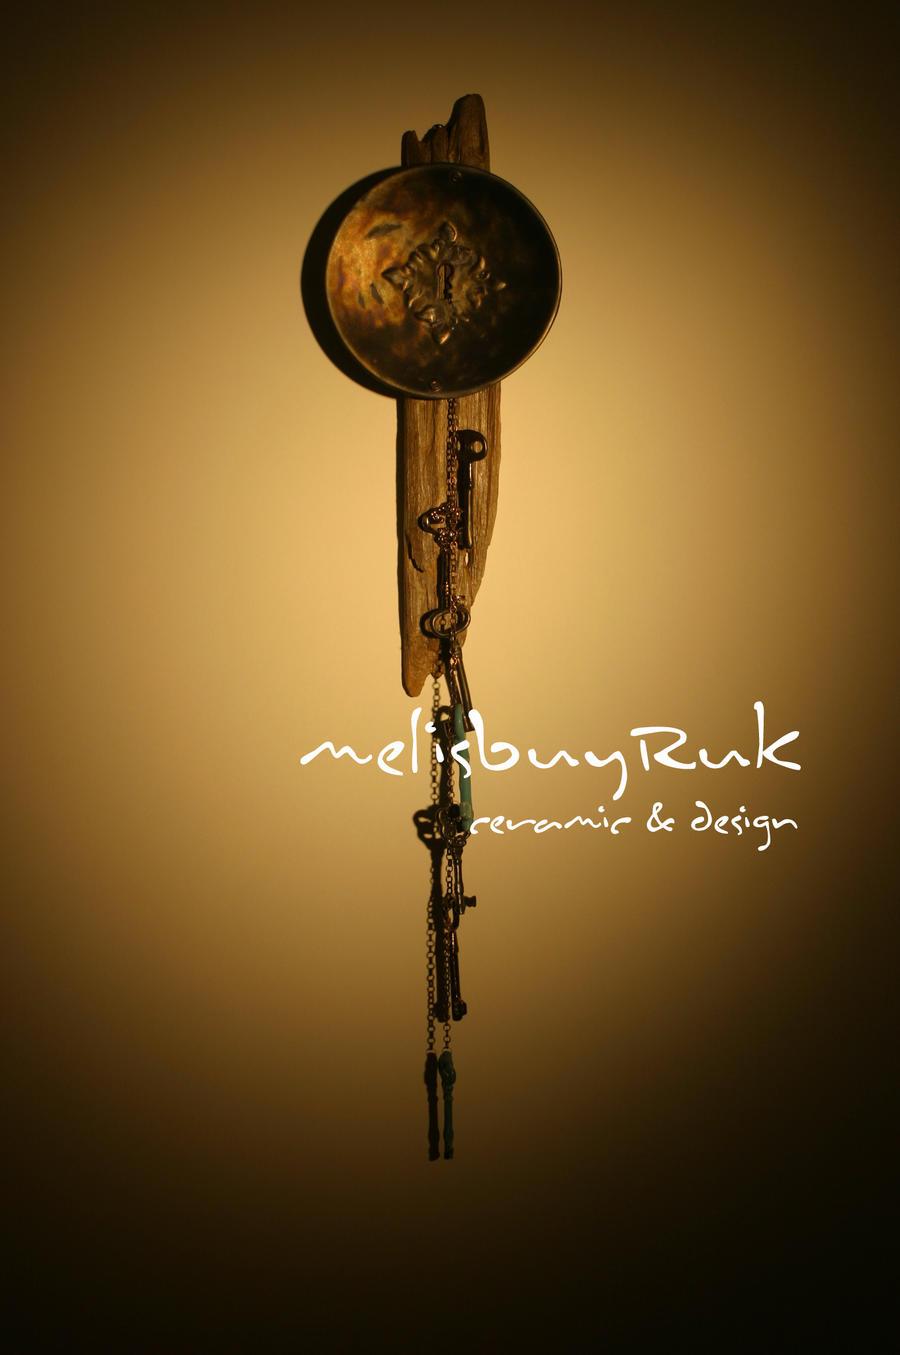 Keys - by MelisBuyruk